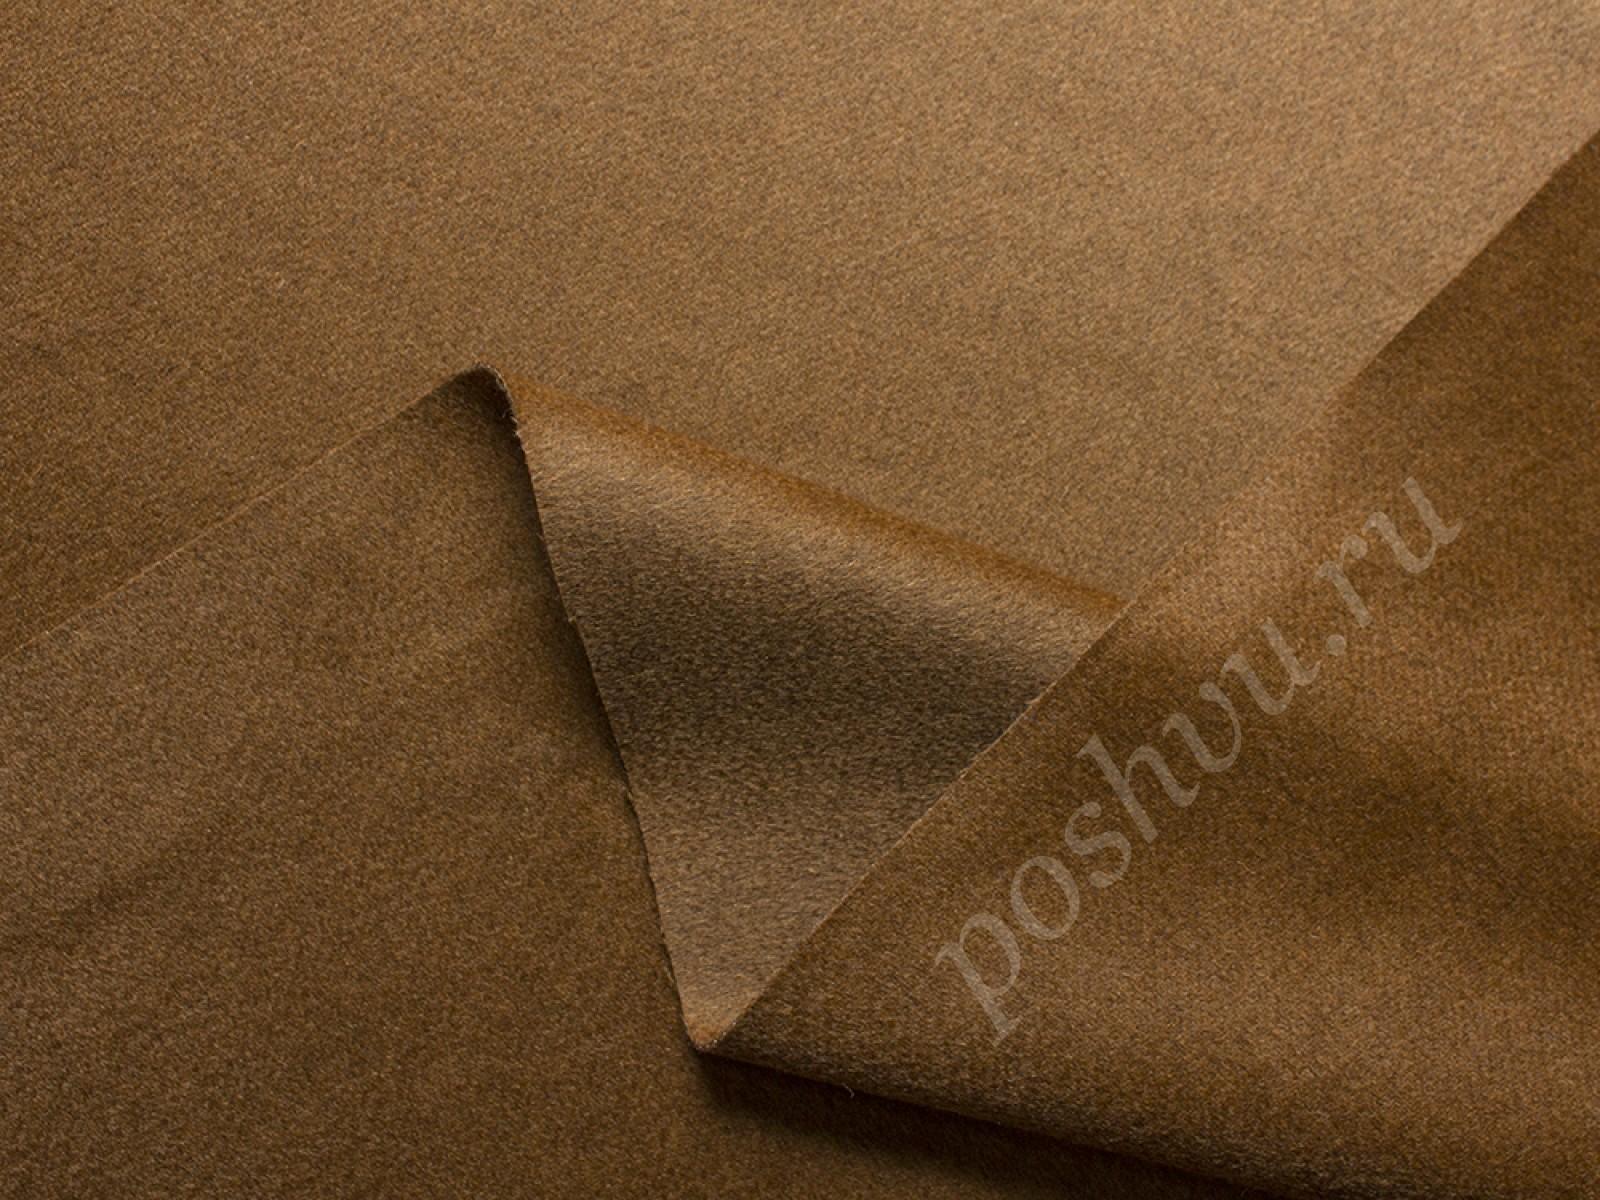 Купить ткань пальтовую китай ткань для юбки купить в москве